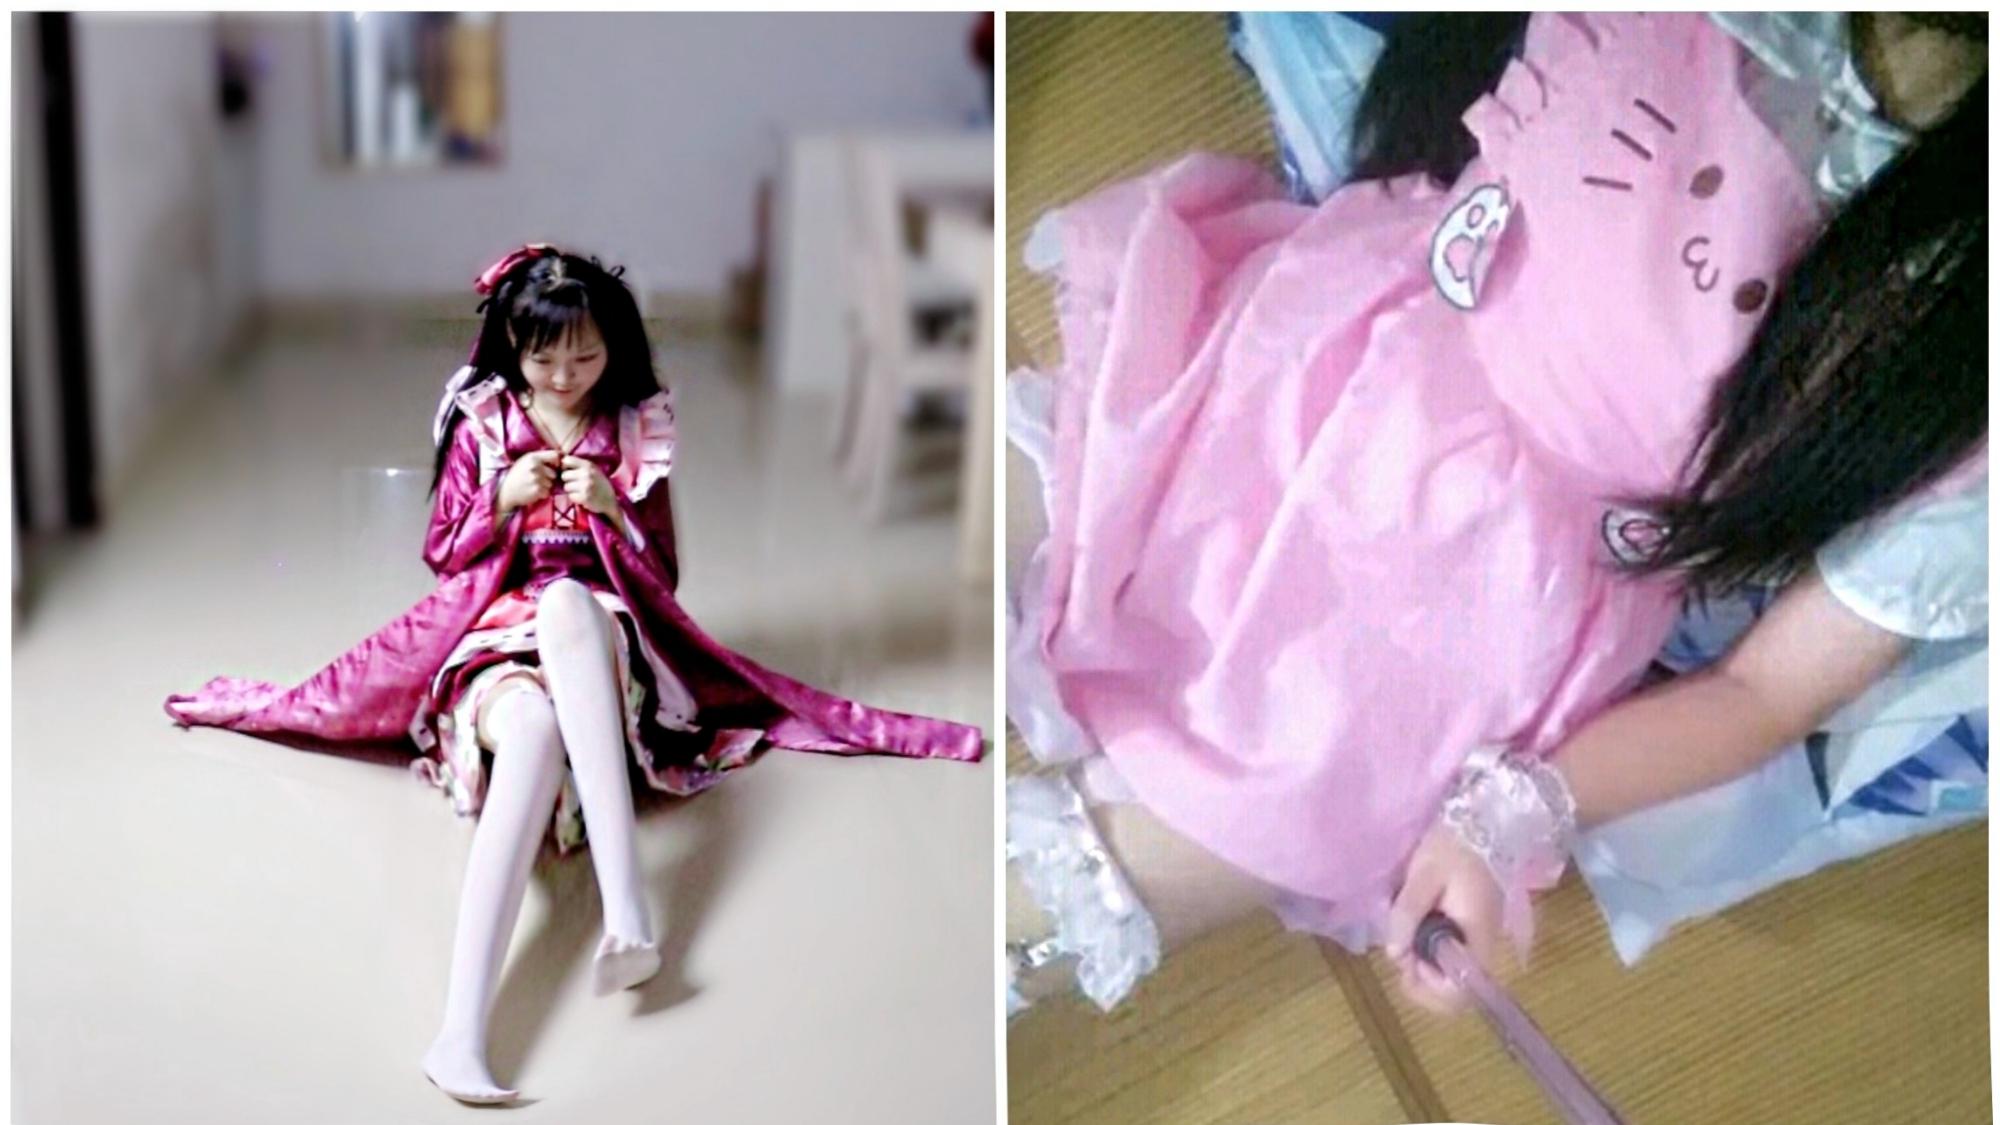 【北宫翎】 竖屏版小樱茉莉和服《旋转吧雪月花》